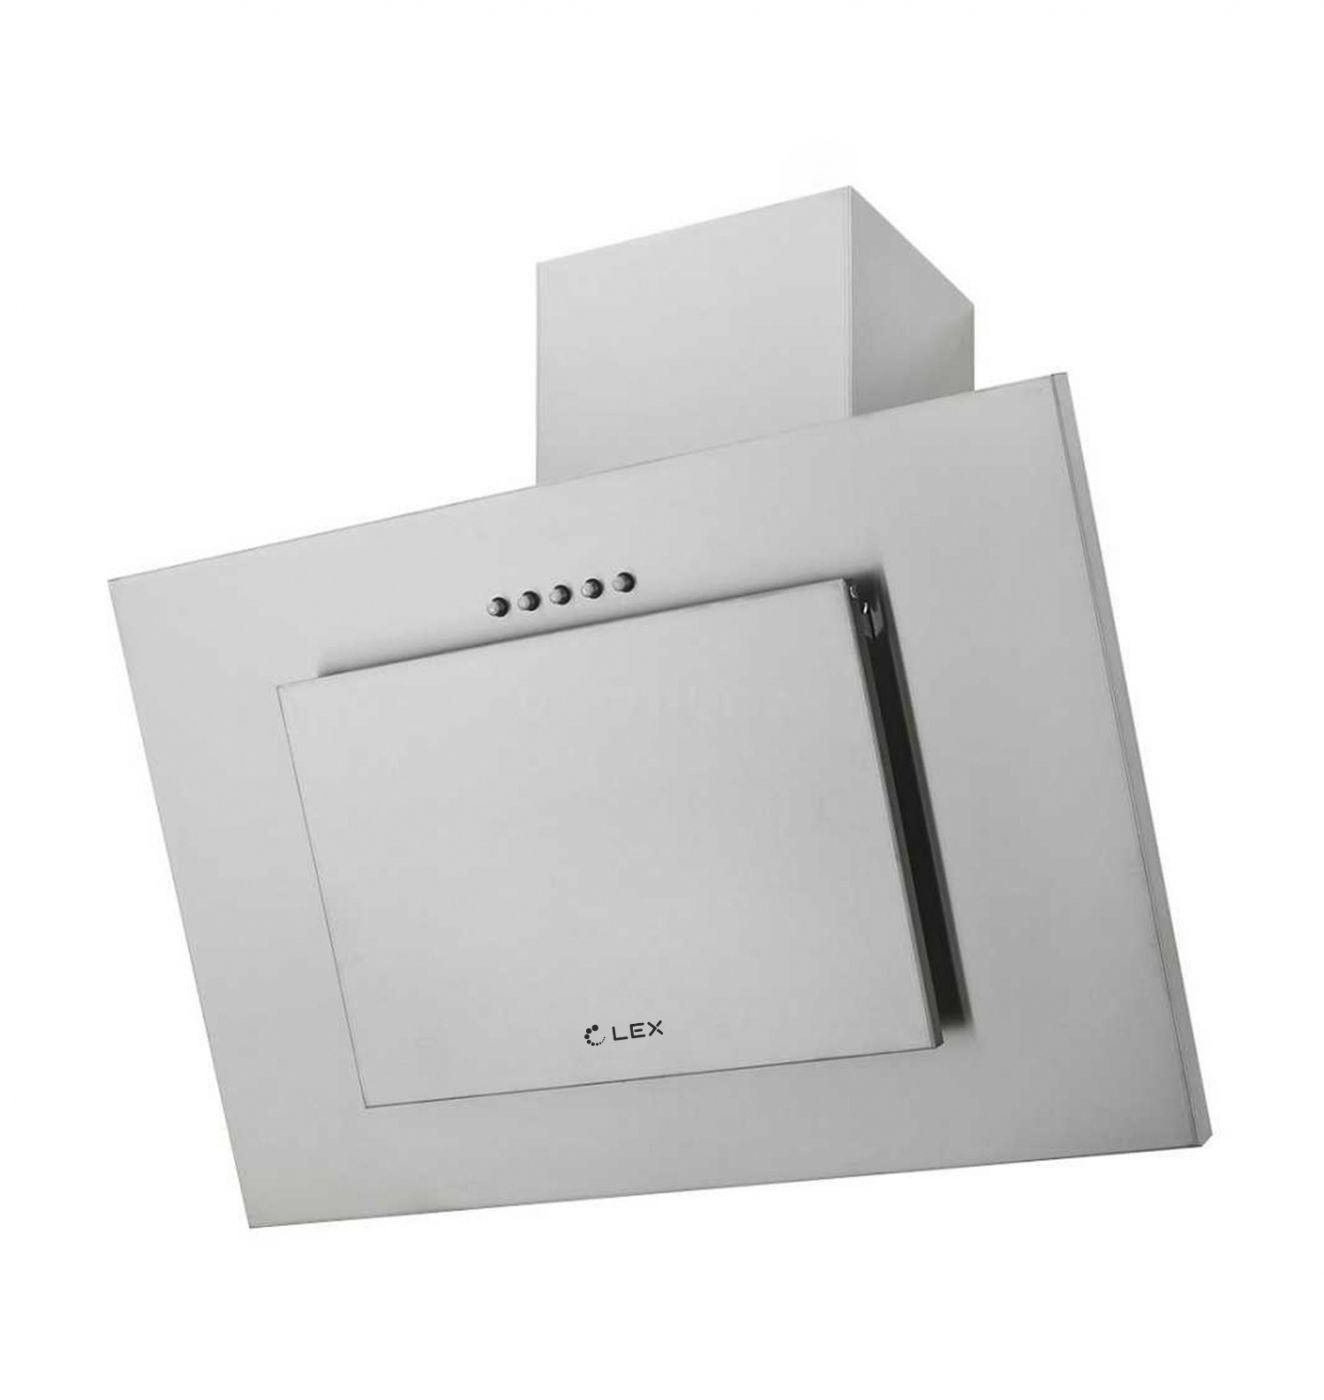 Каминная вытяжка LEX Mini S 500 inox (PLMA000155)